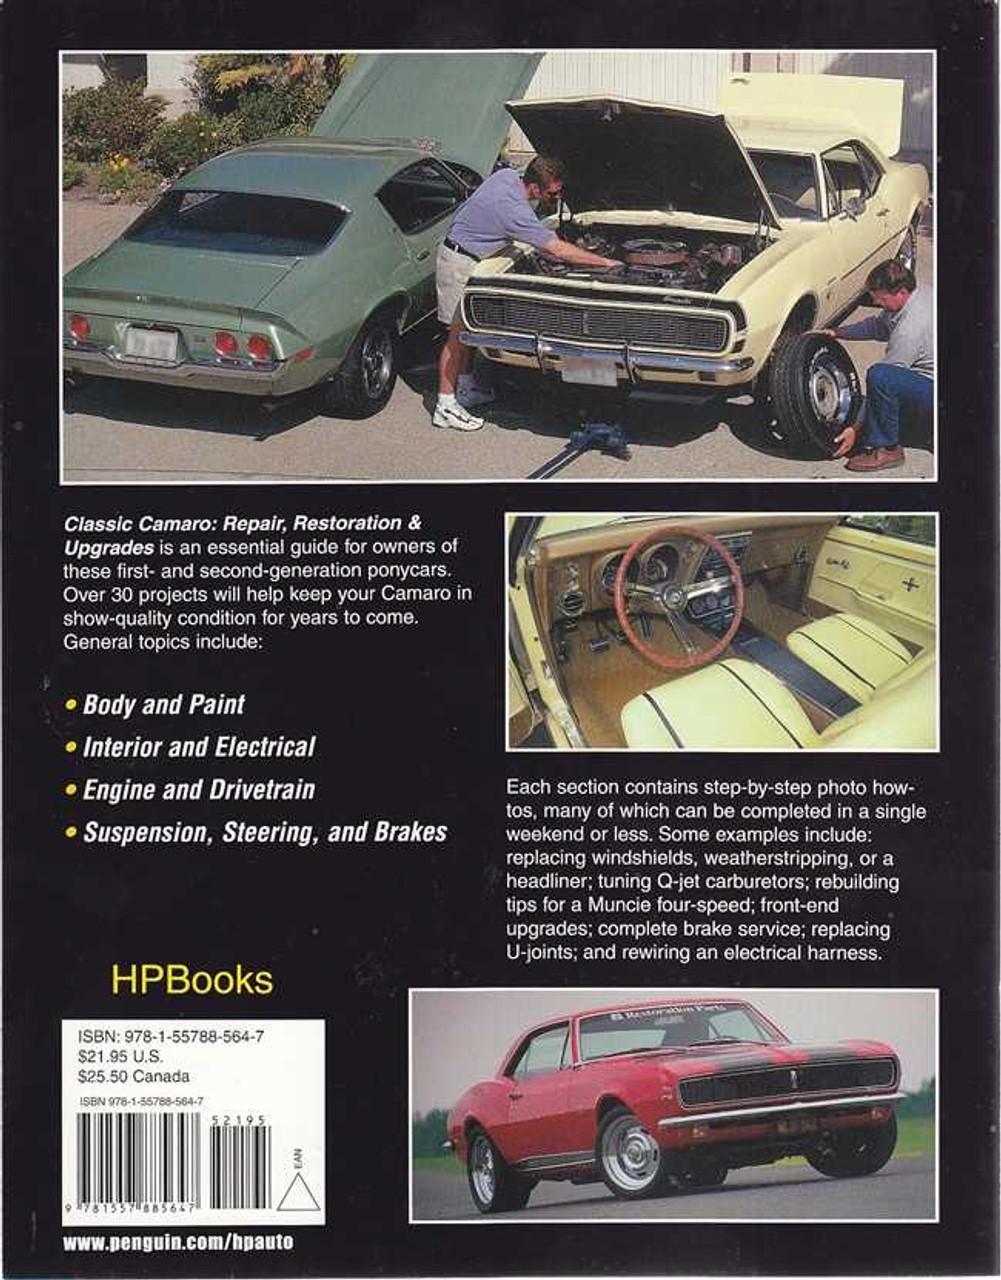 Classic Camaro Repair, Restoration & Upgrades 1967 - 1981